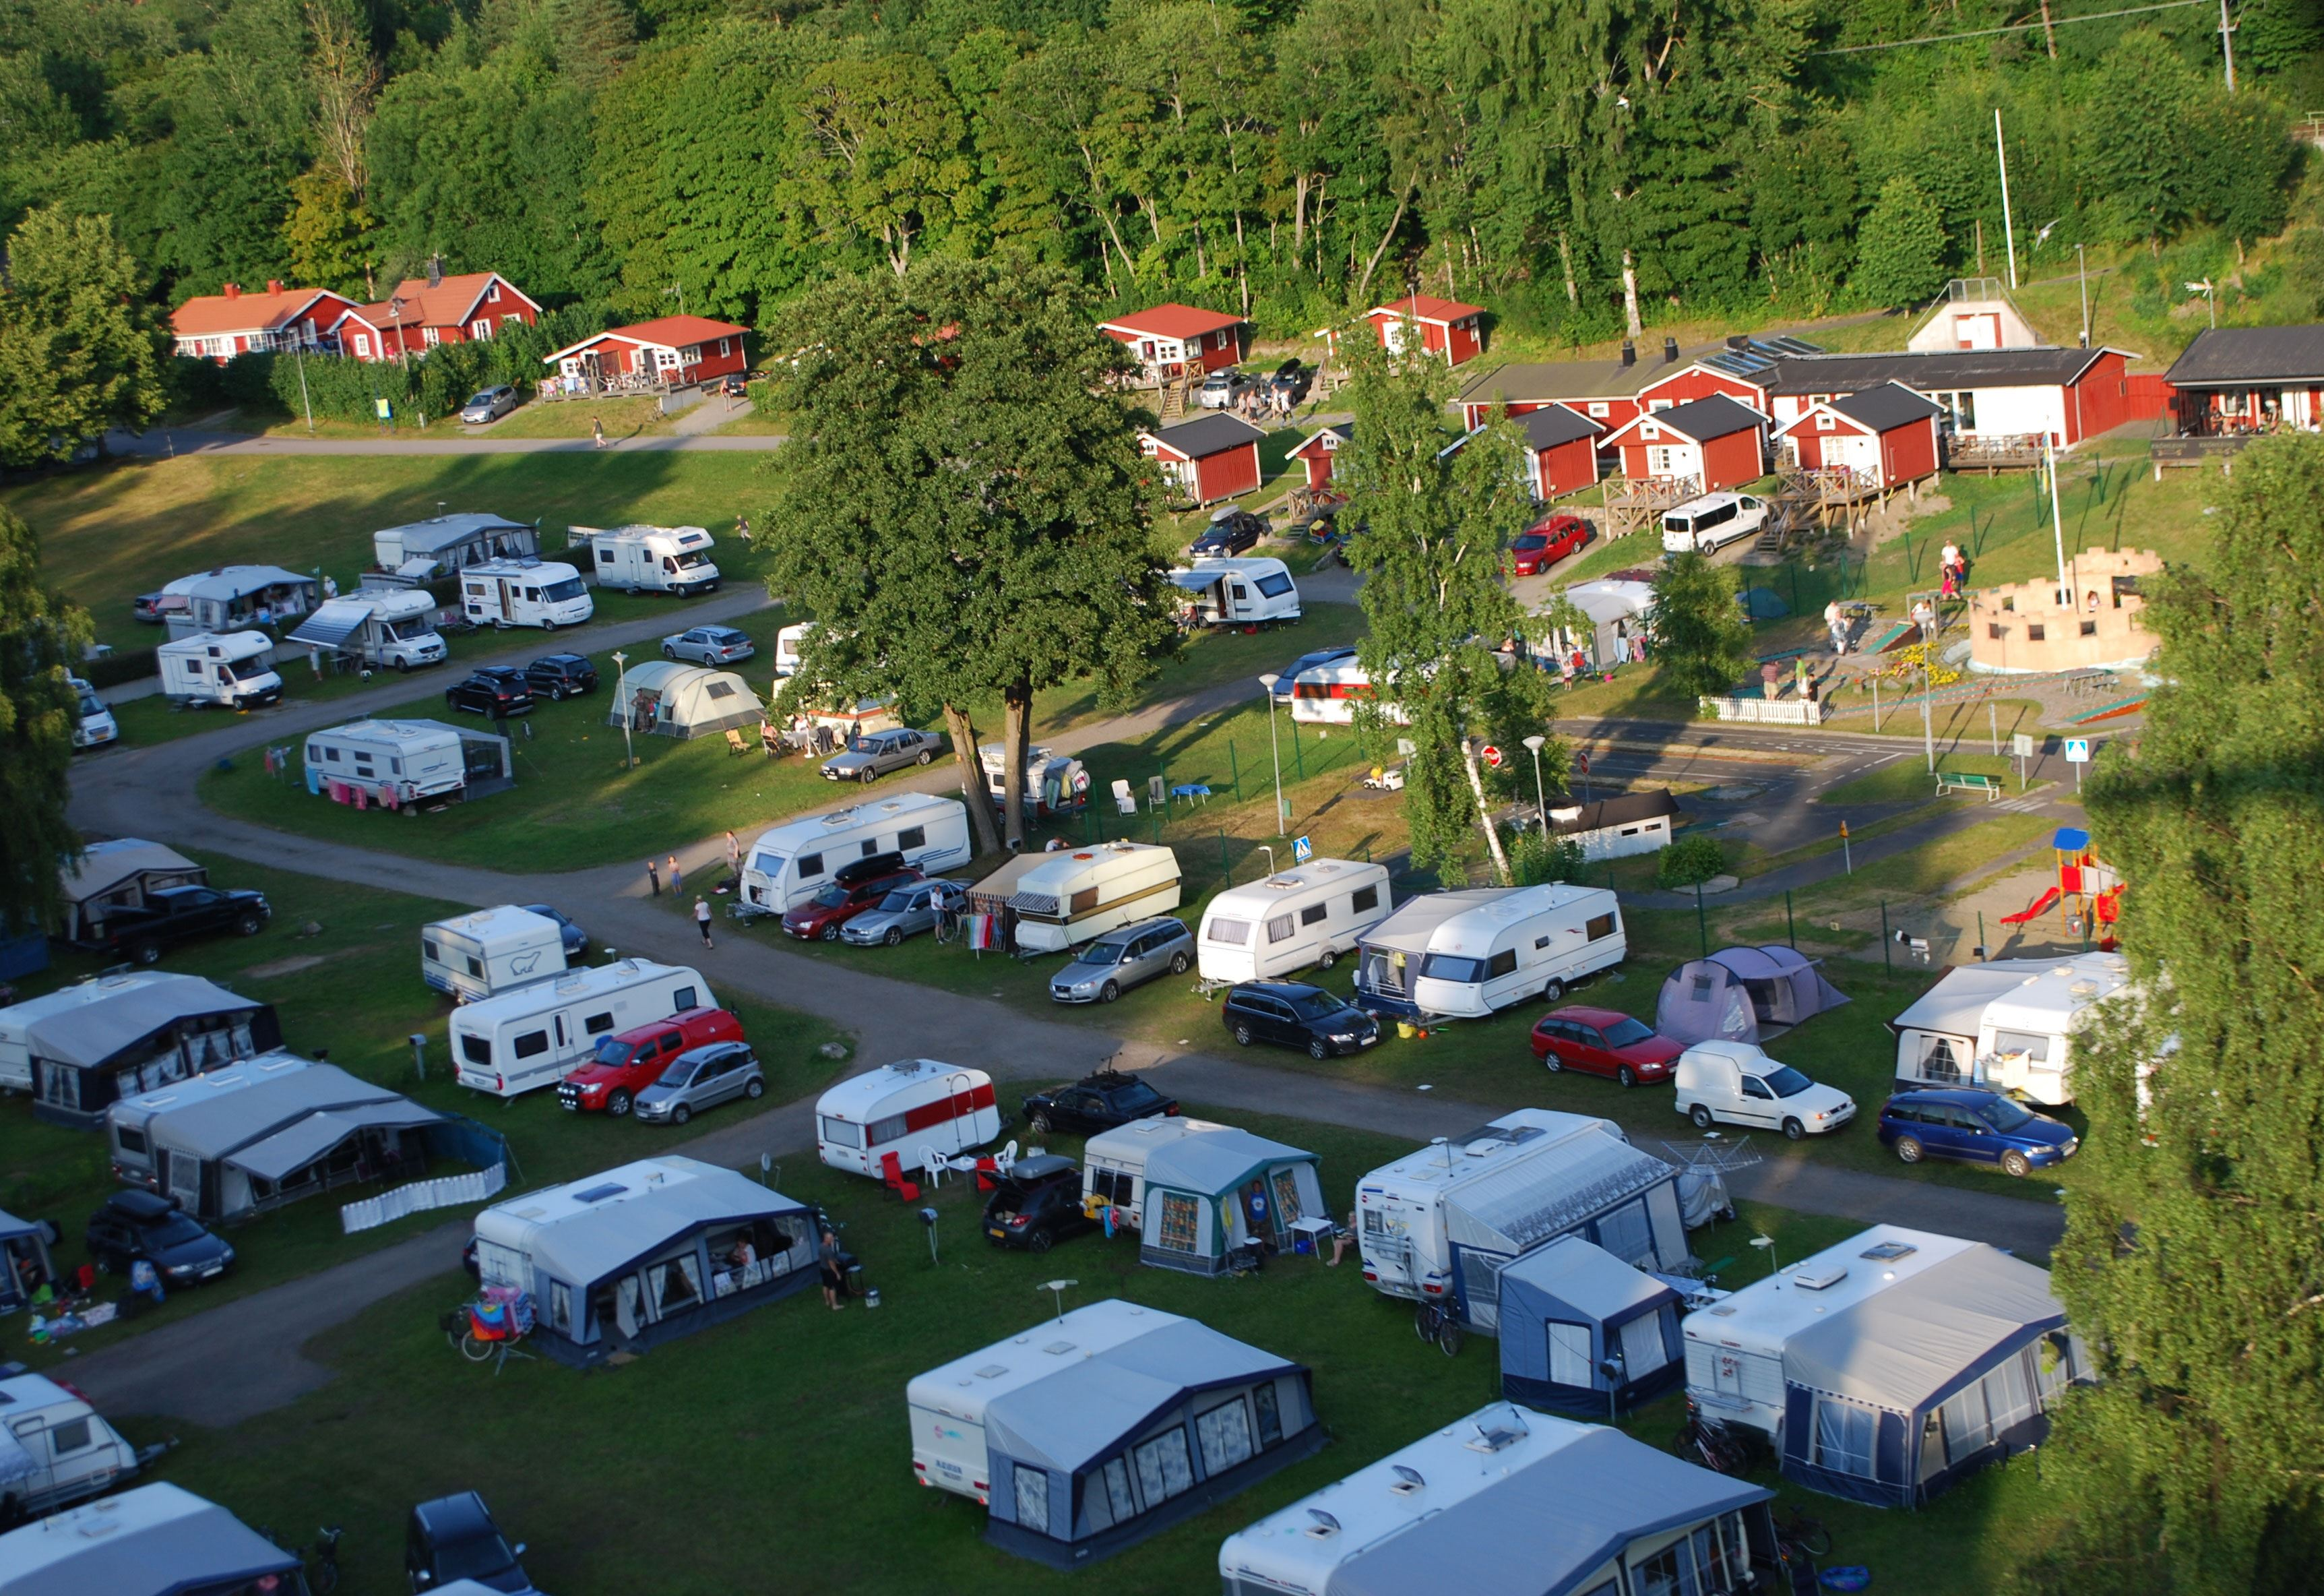 Nickstabadets Camping/Camping